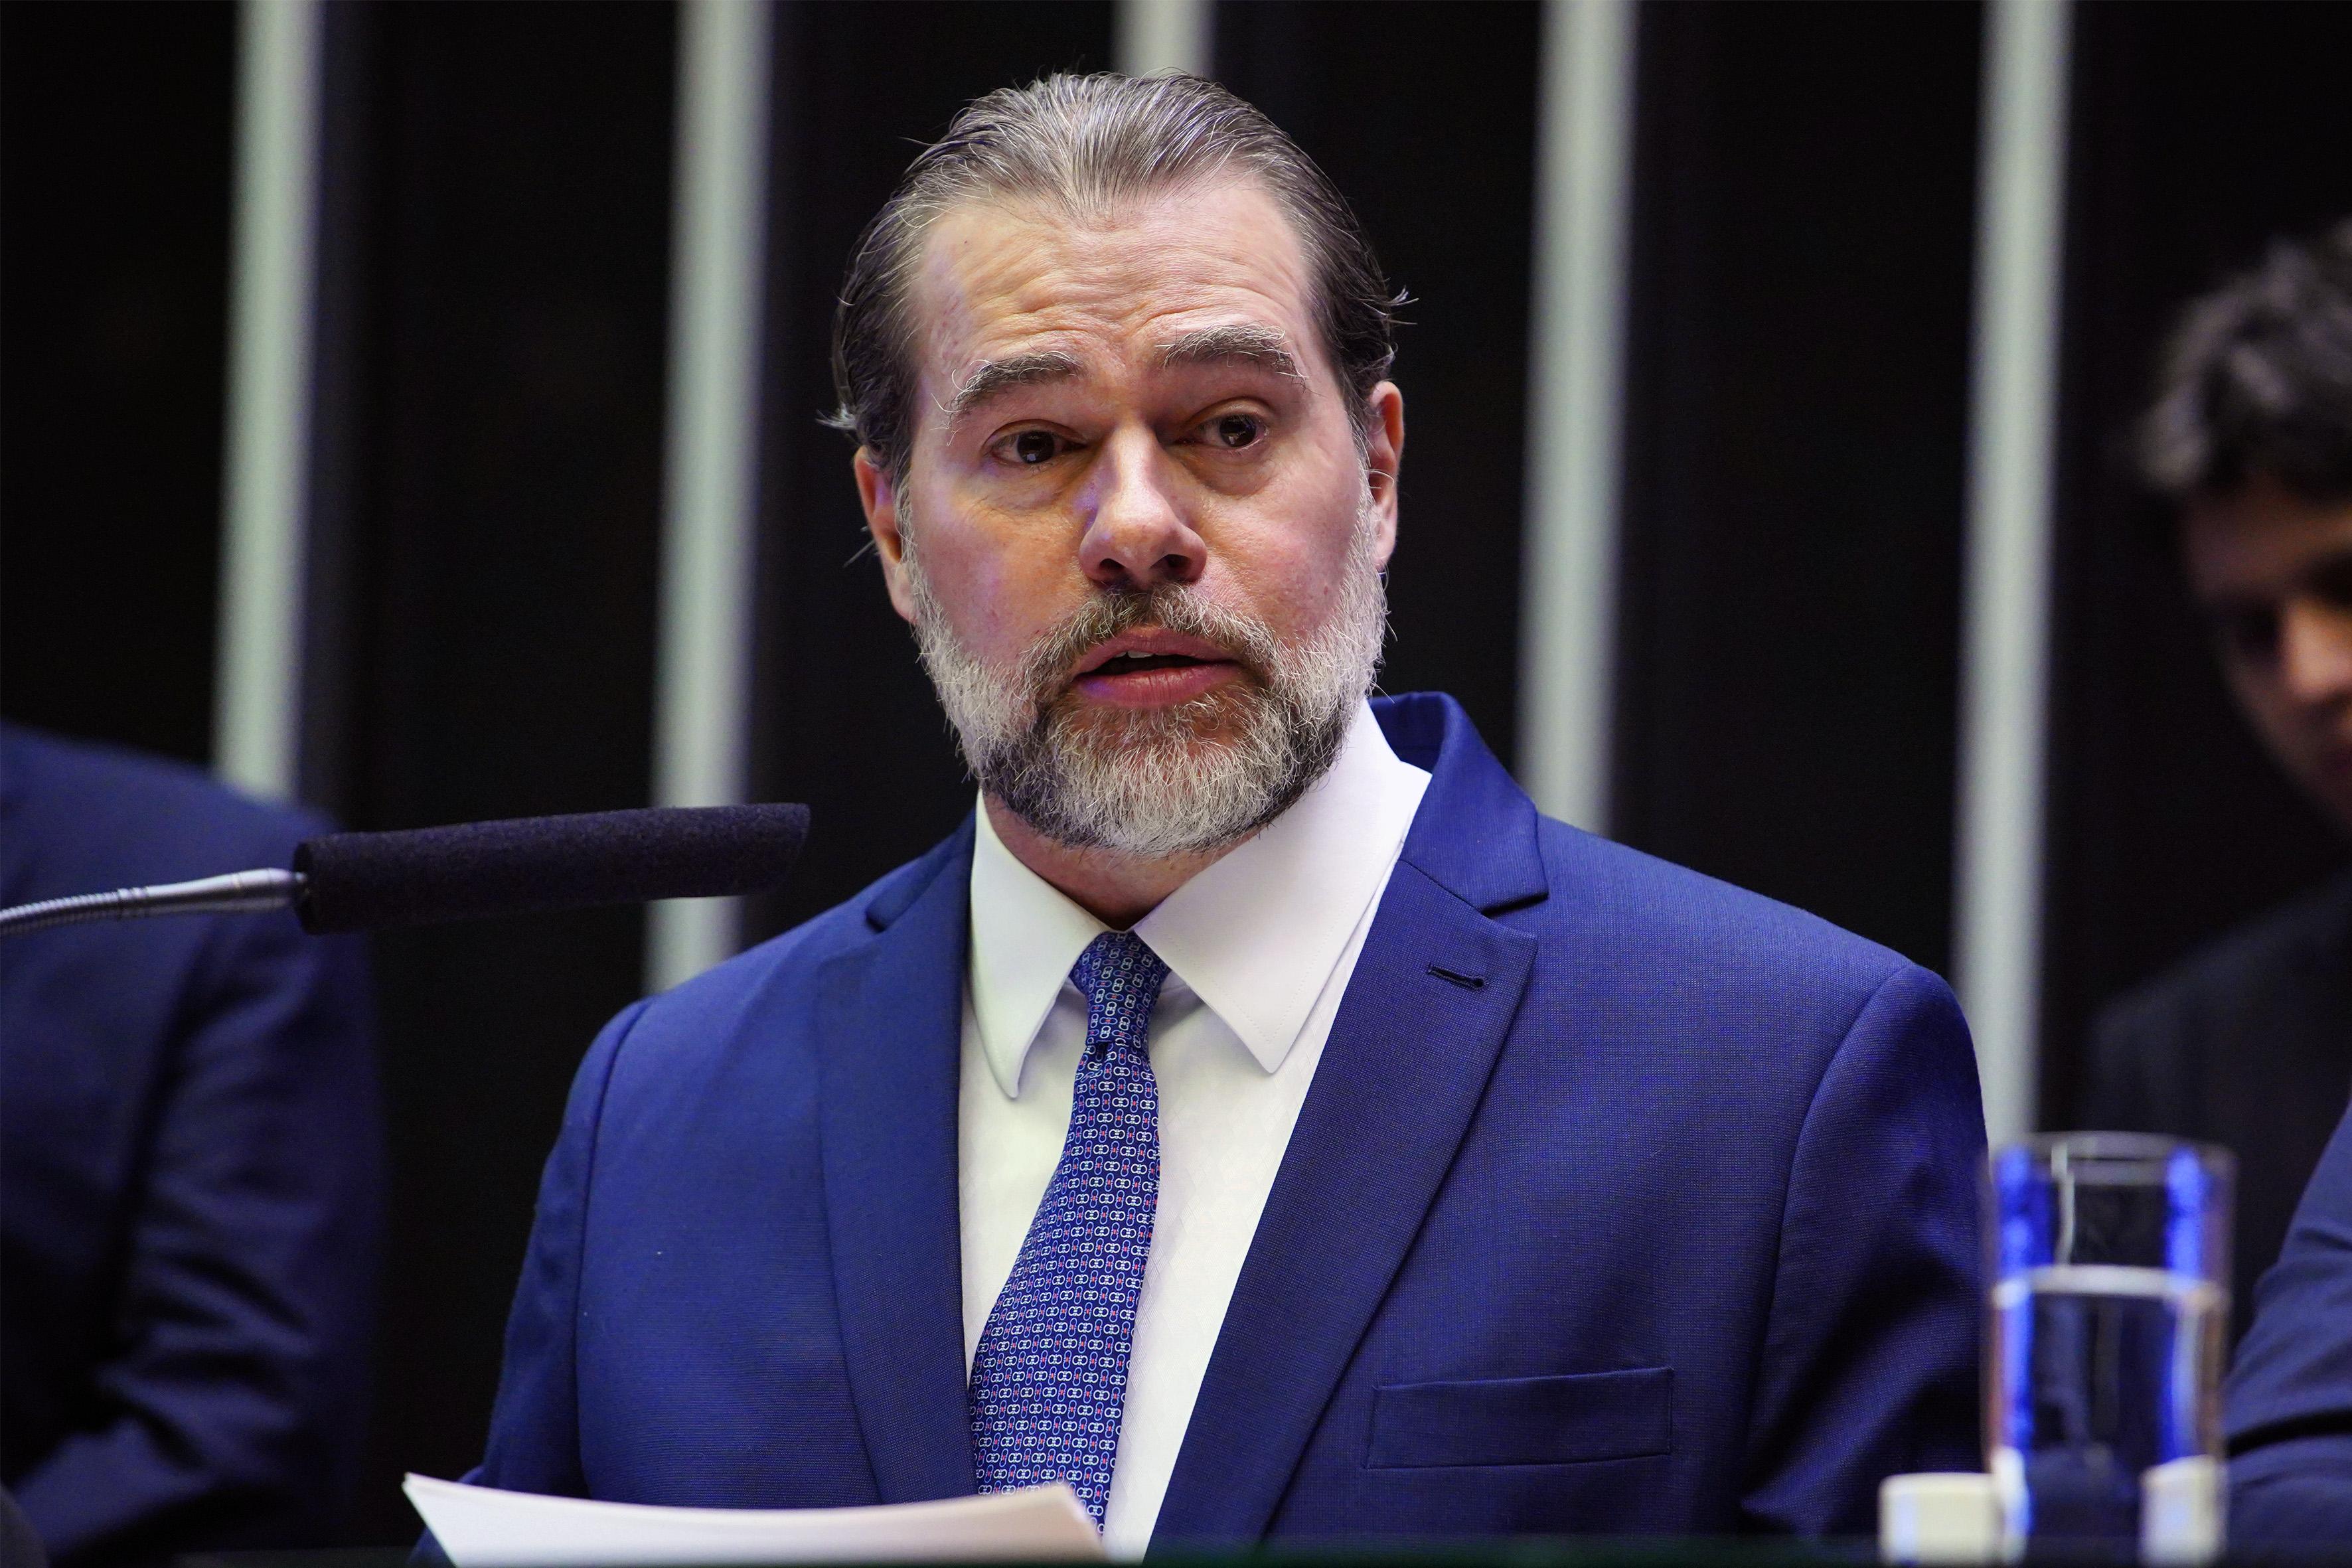 O Congresso Nacional inicia hoje os trabalhos legislativos de 2019, em sessão solene conjunta da Câmara e do Senado. Presidente do Supremo Tribunal Federal do Brasil, Dias Toffoli